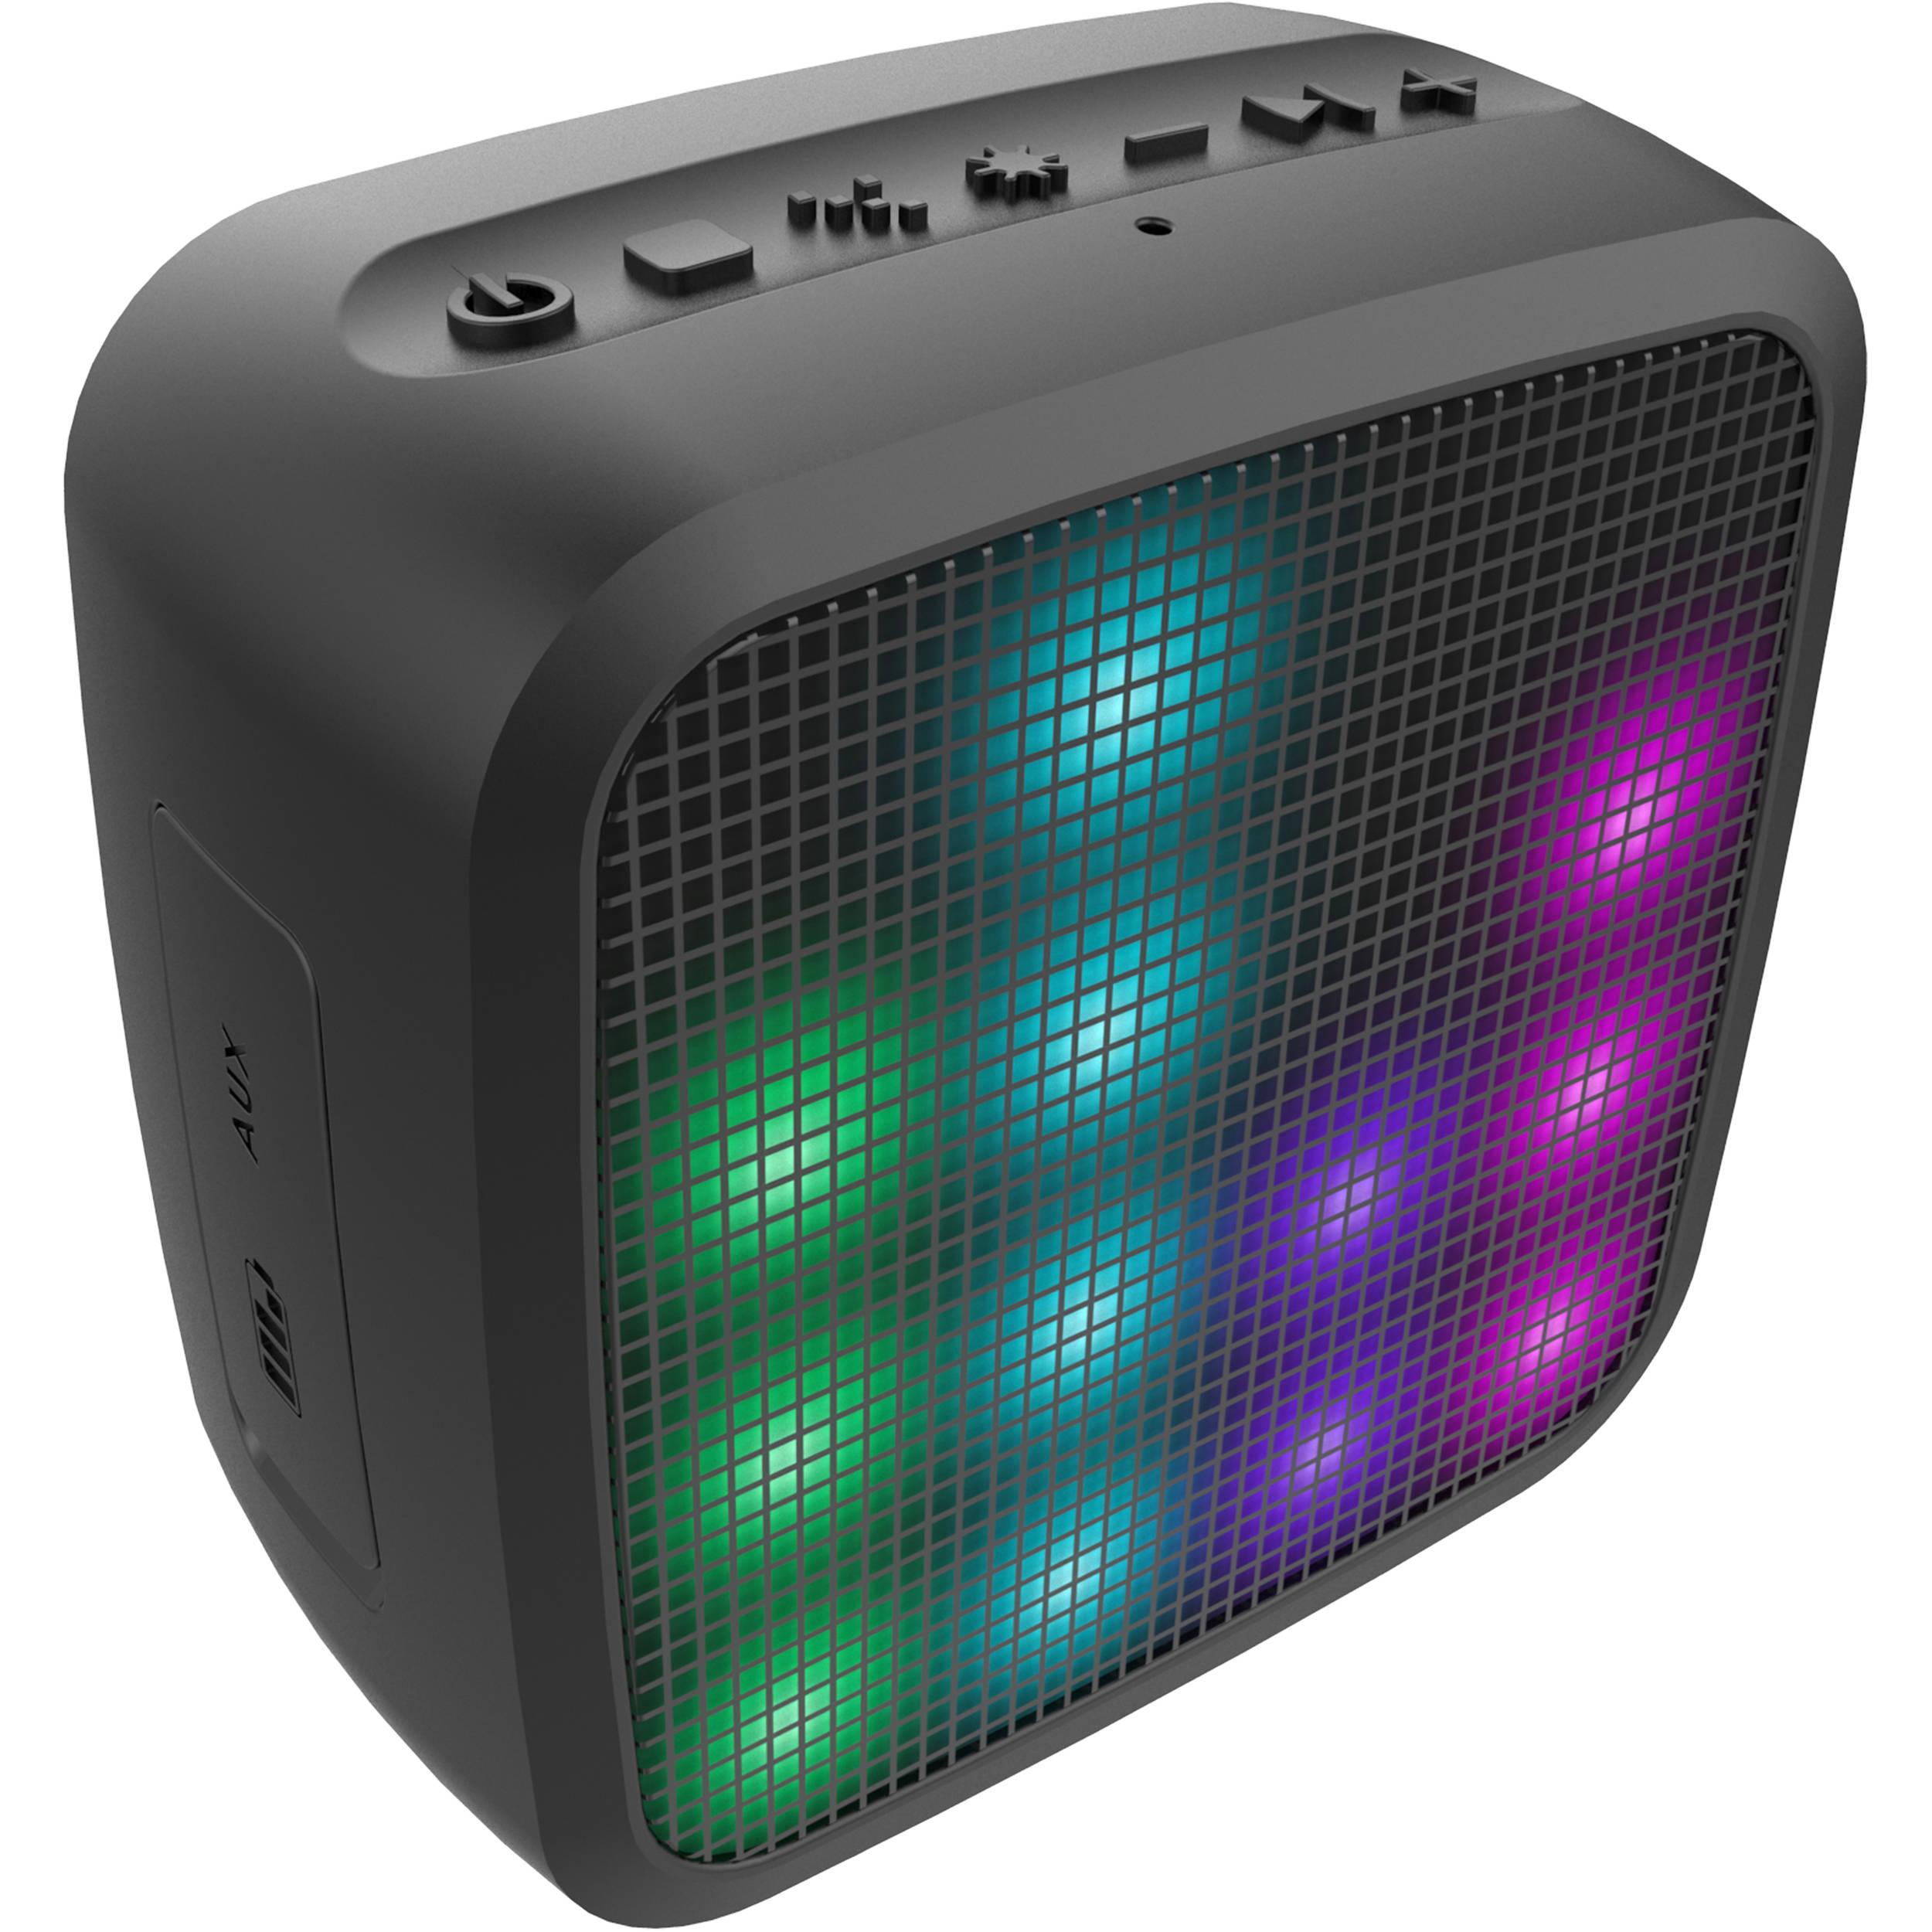 Jam Trance Mini LED Bluetooth Light Show Speaker HX-P460 B&H